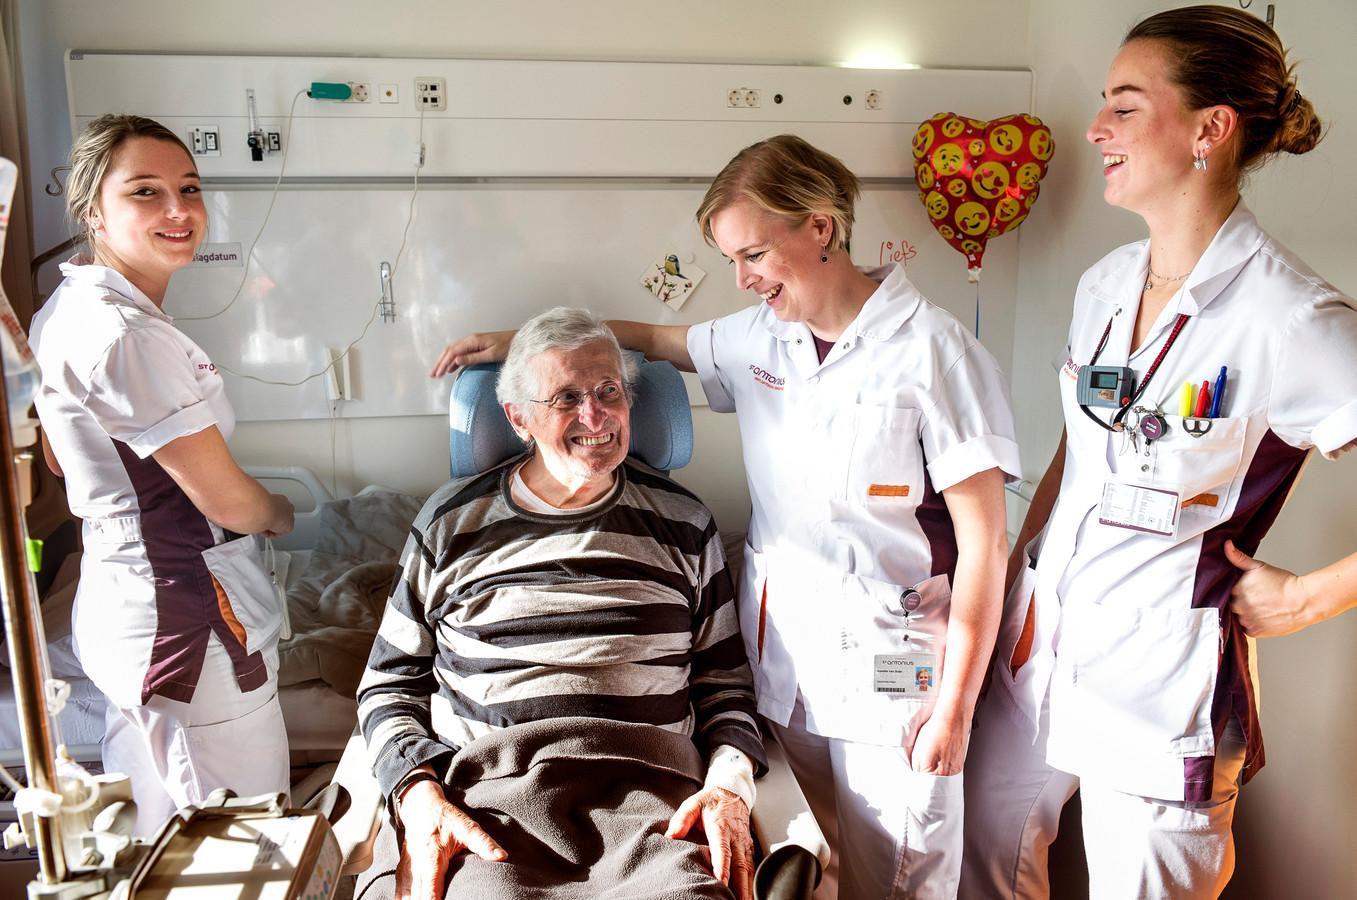 Verpleegkundige Annette van Duijn (tweede van rechts) met twee collega's aan 't werk in het St. Antonius Ziekenhuis.